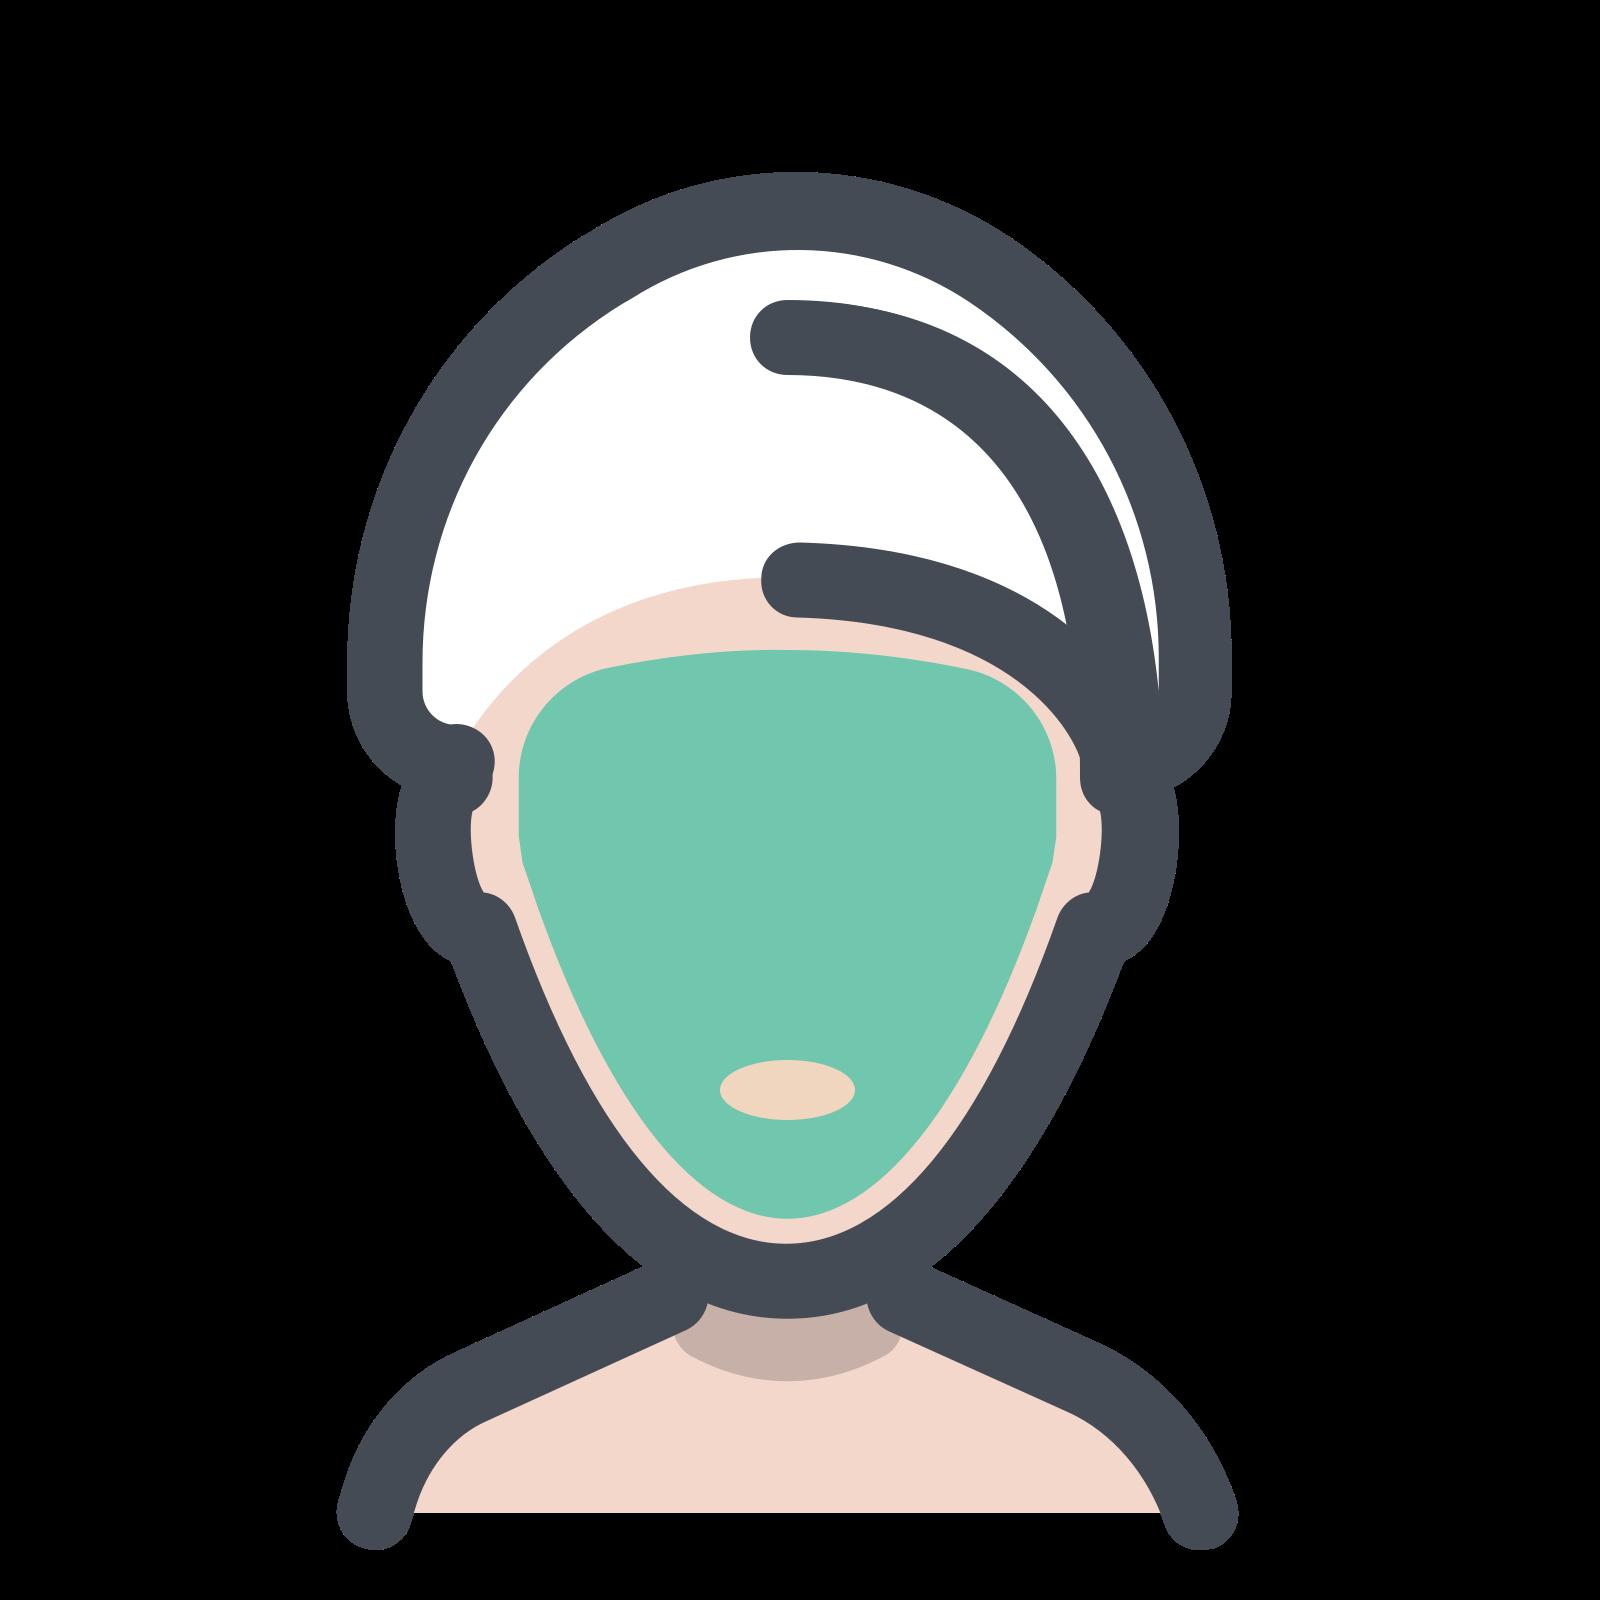 Maska na twarz icon